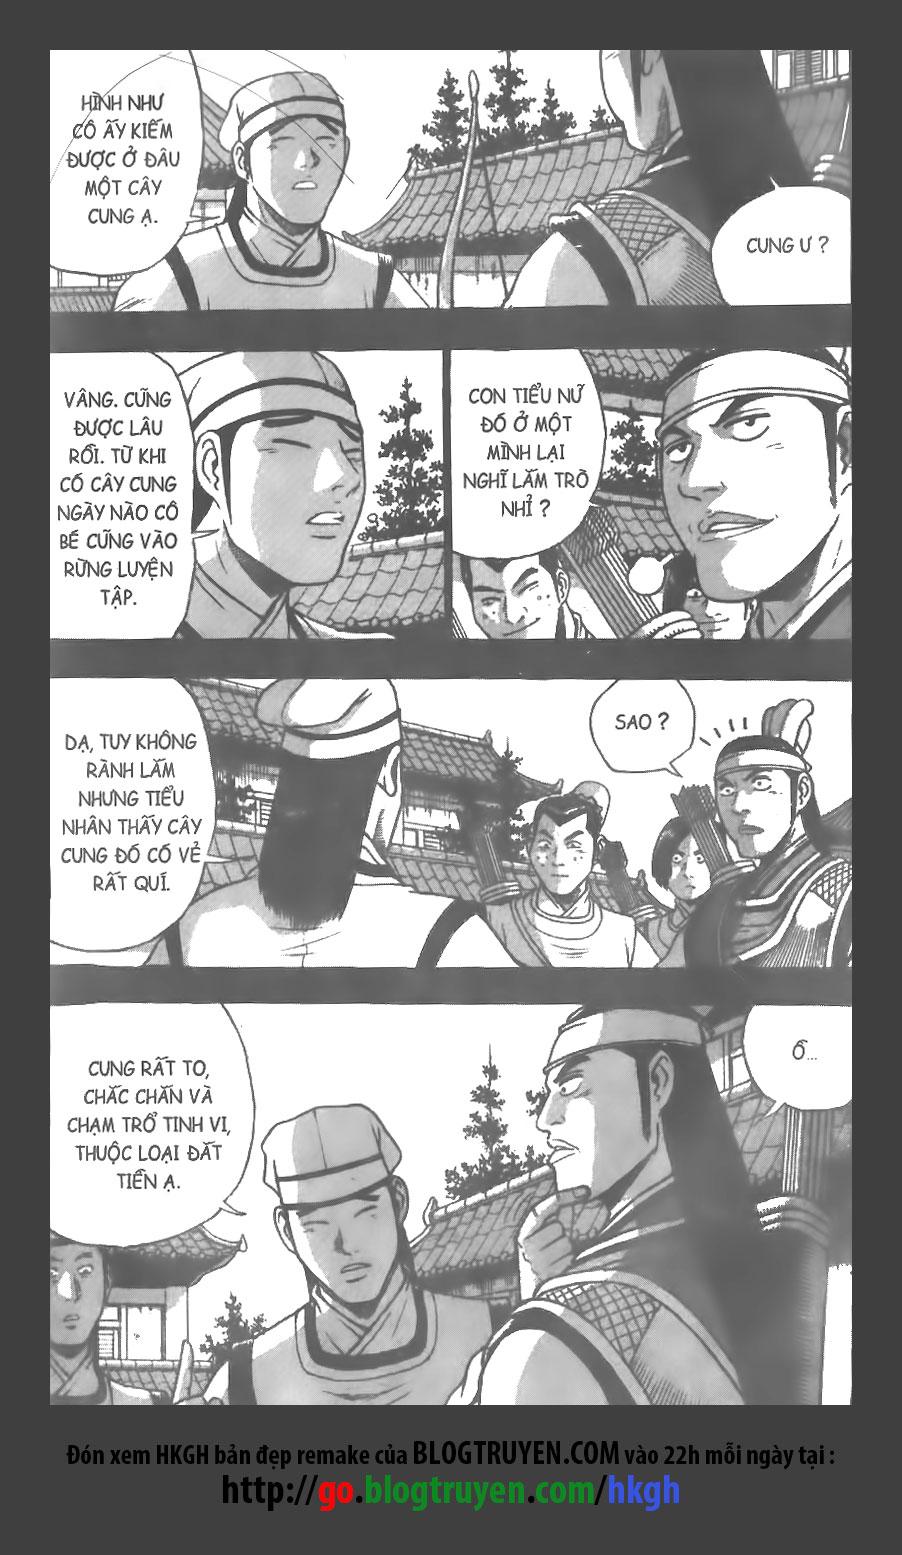 Hiệp Khách Giang Hồ - Hiệp Khách Giang Hồ Chap 280 - Pic 14